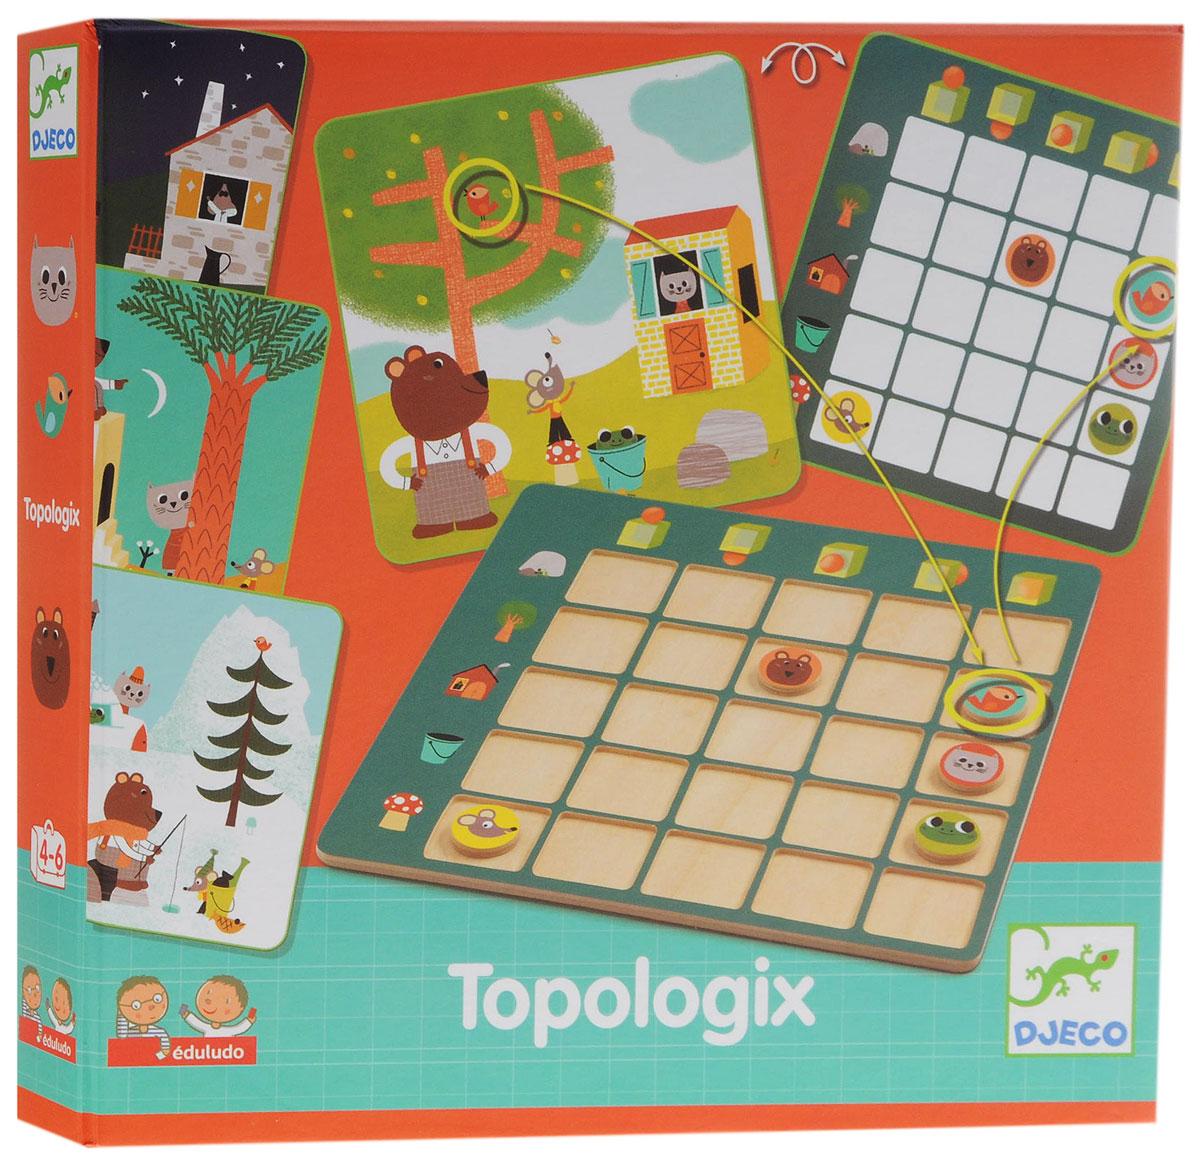 Djeco Обучающая игра Топологик djeco обучающая игра счеты